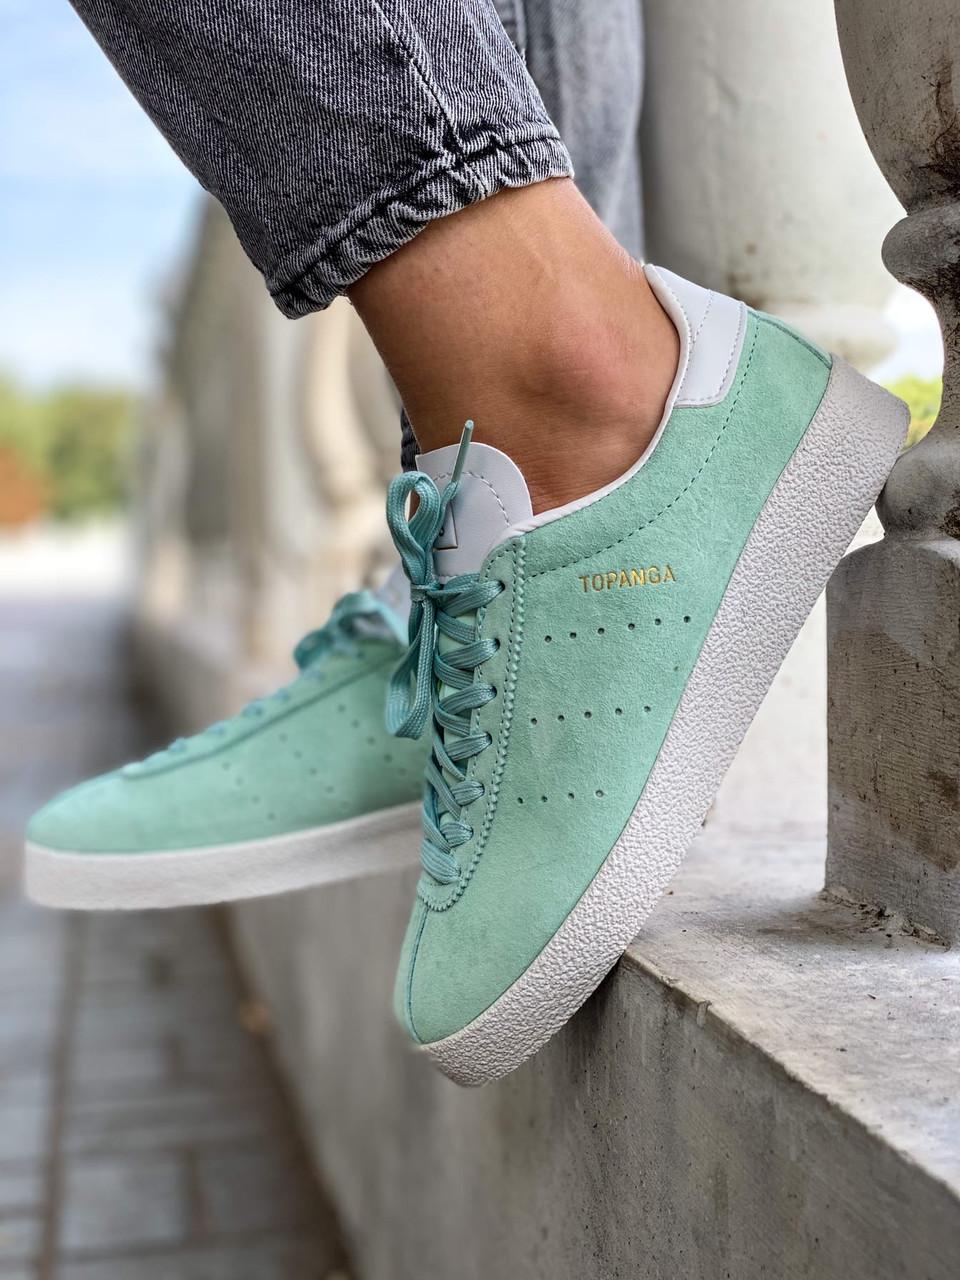 Кроссовки женские Adidas Topanga Mint мятные